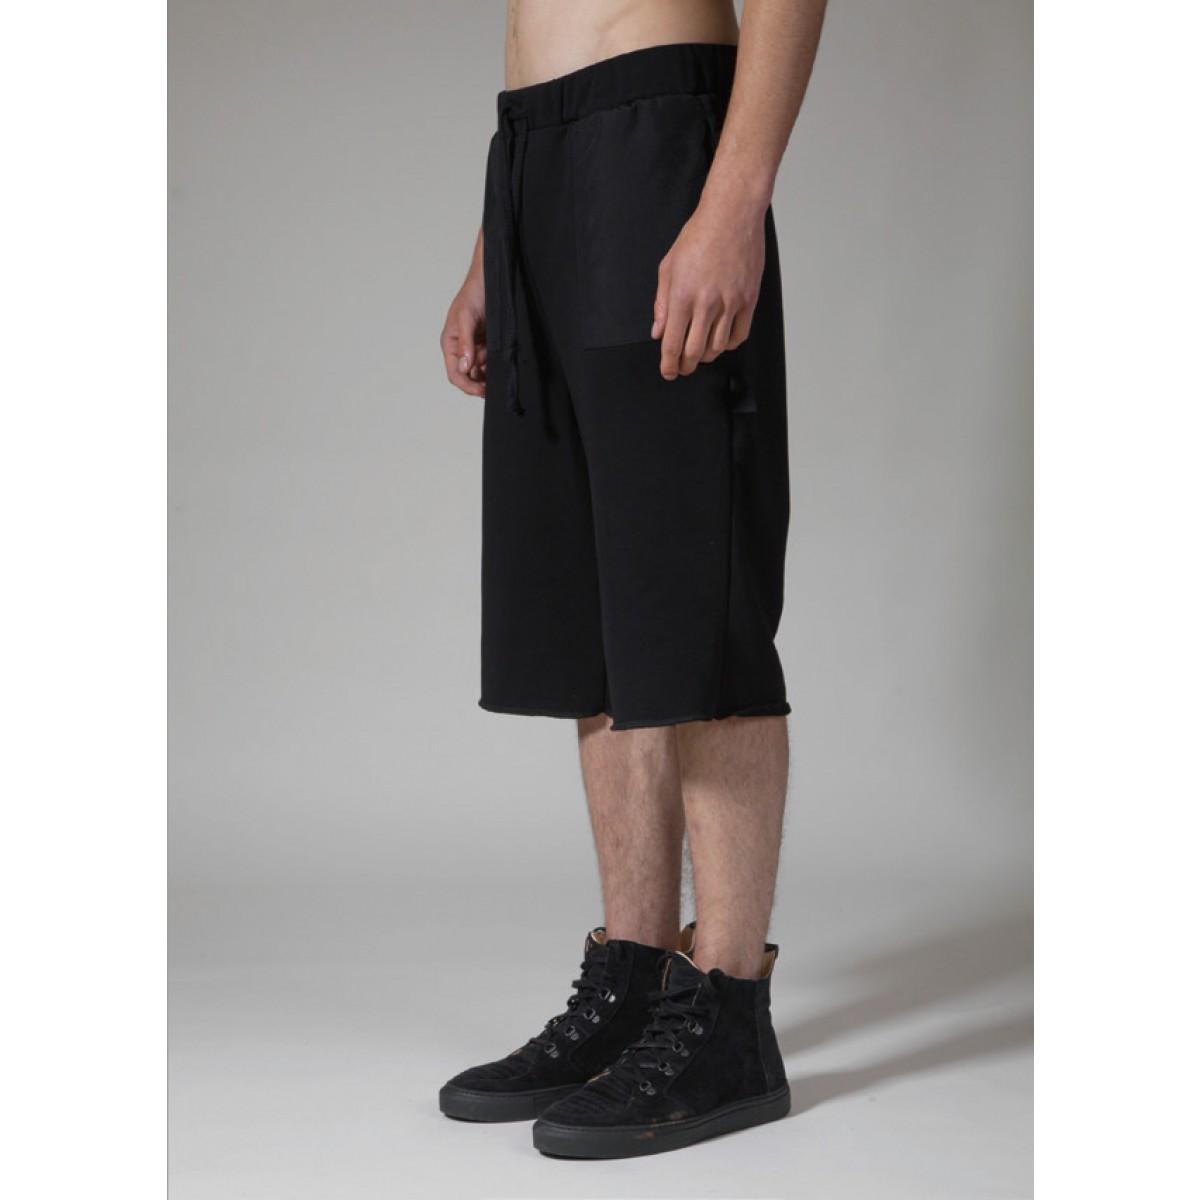 TRINITAS Raw Short Pants